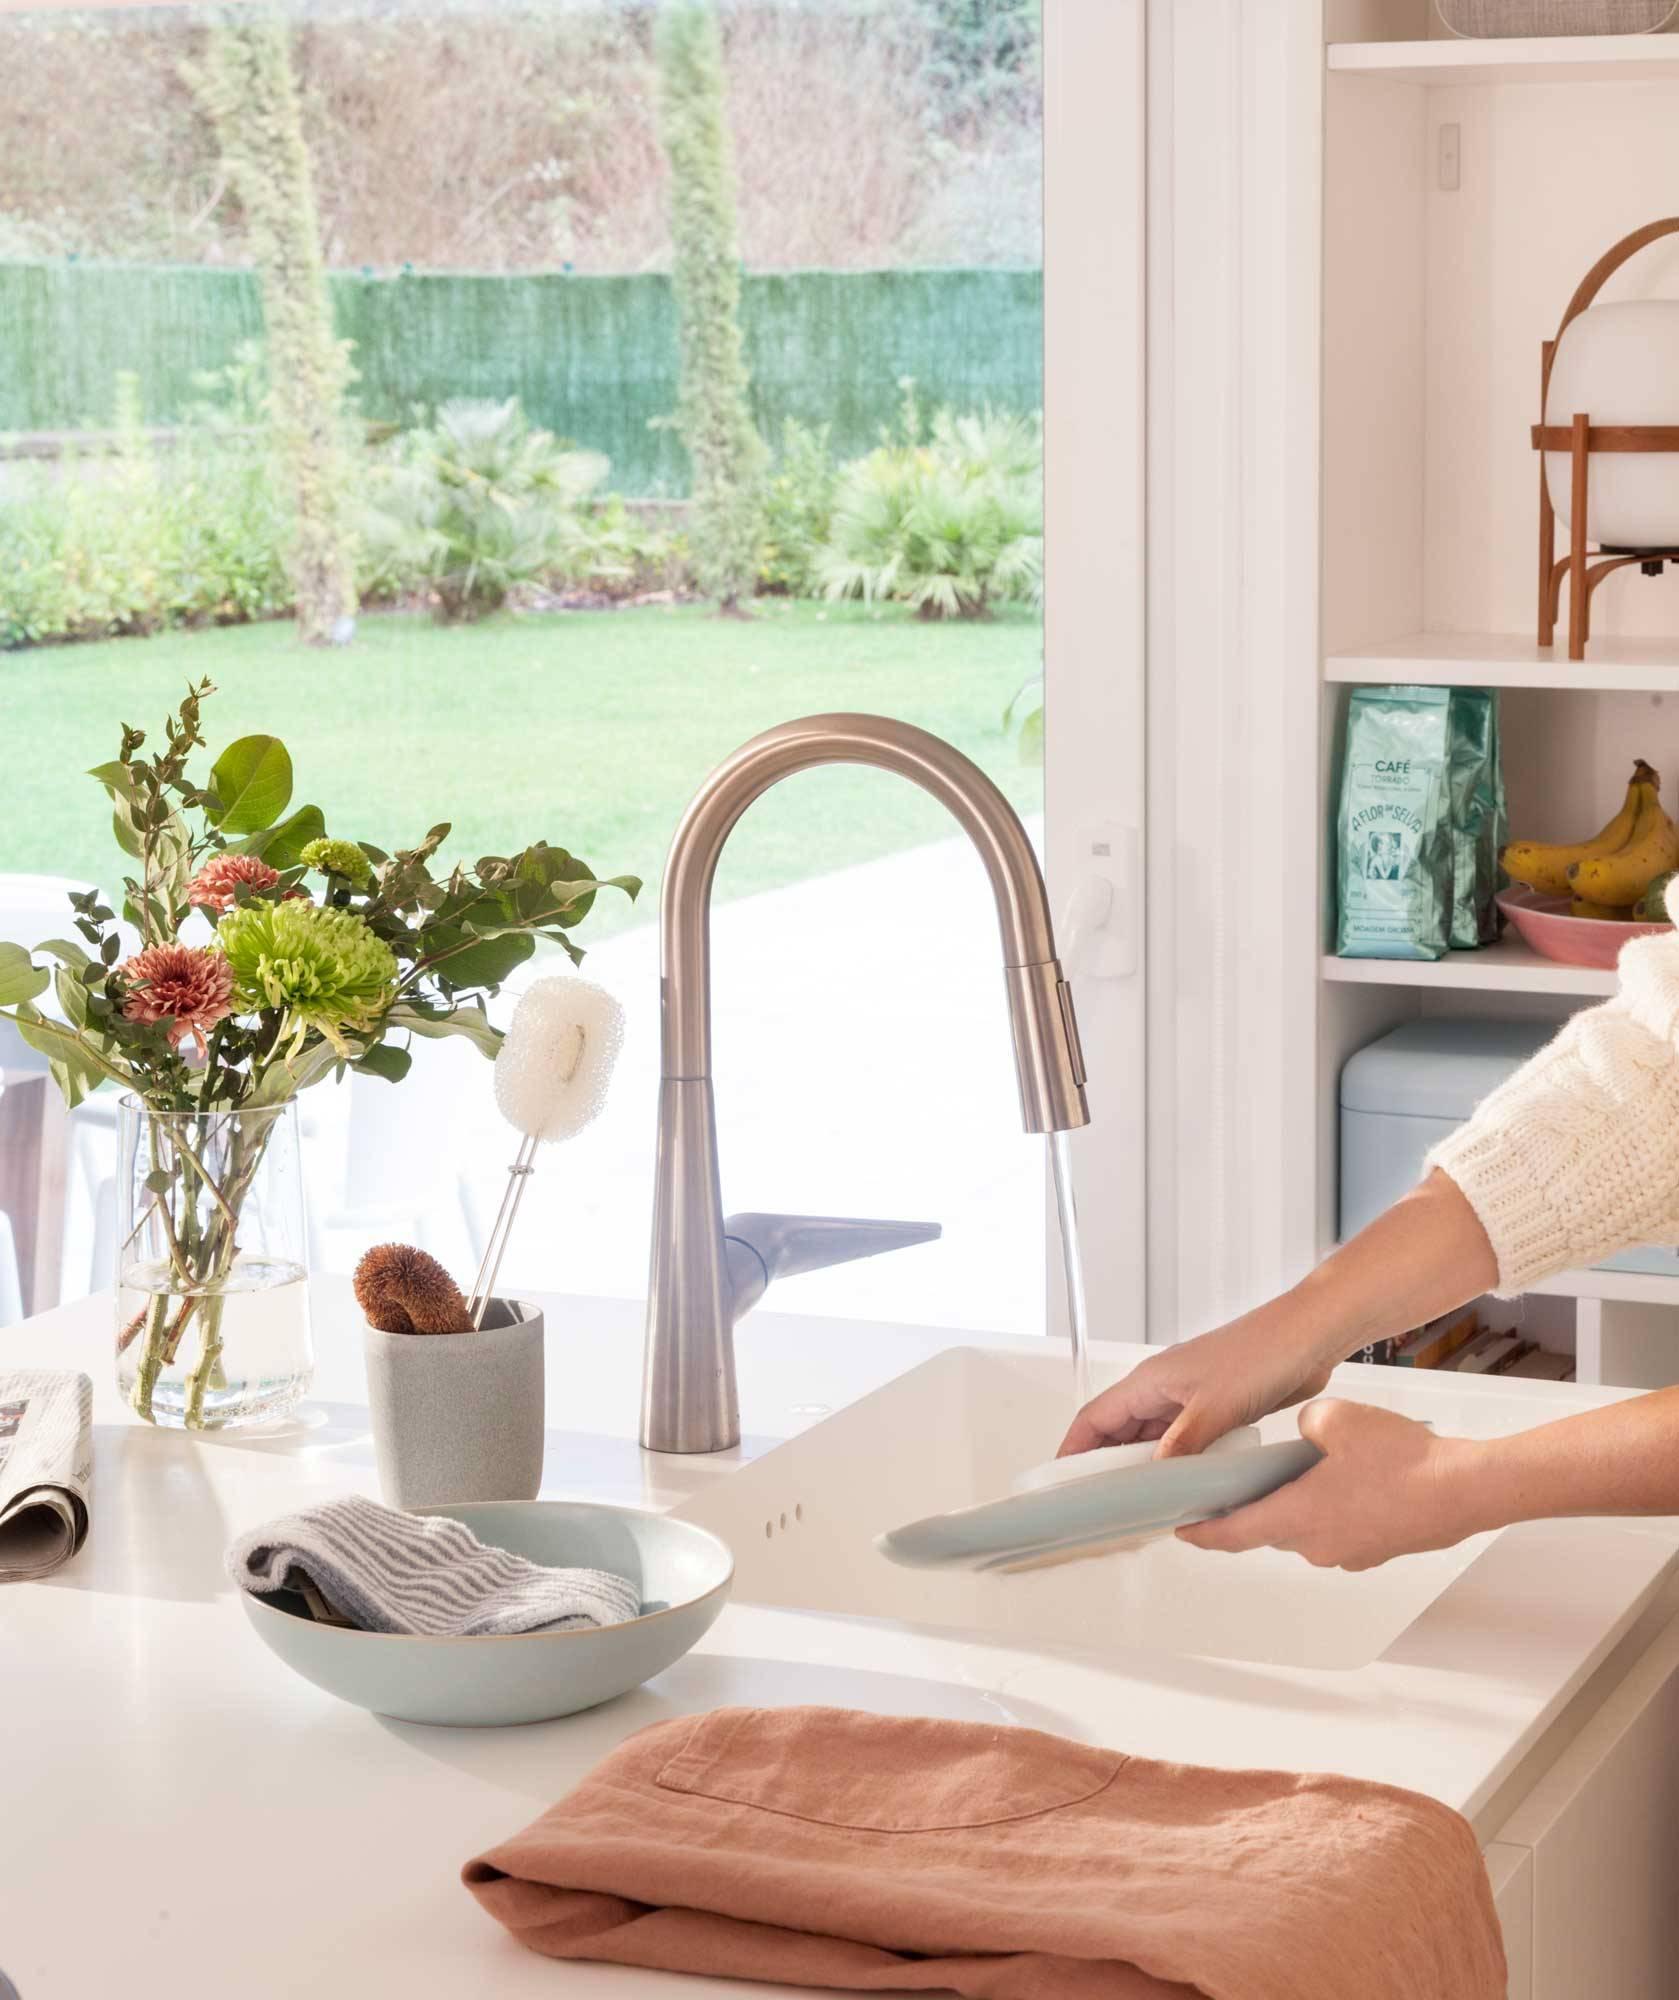 error-when-cleaning-kitchen-sink 00510124 O. Prodotti per la pulizia della cucina.